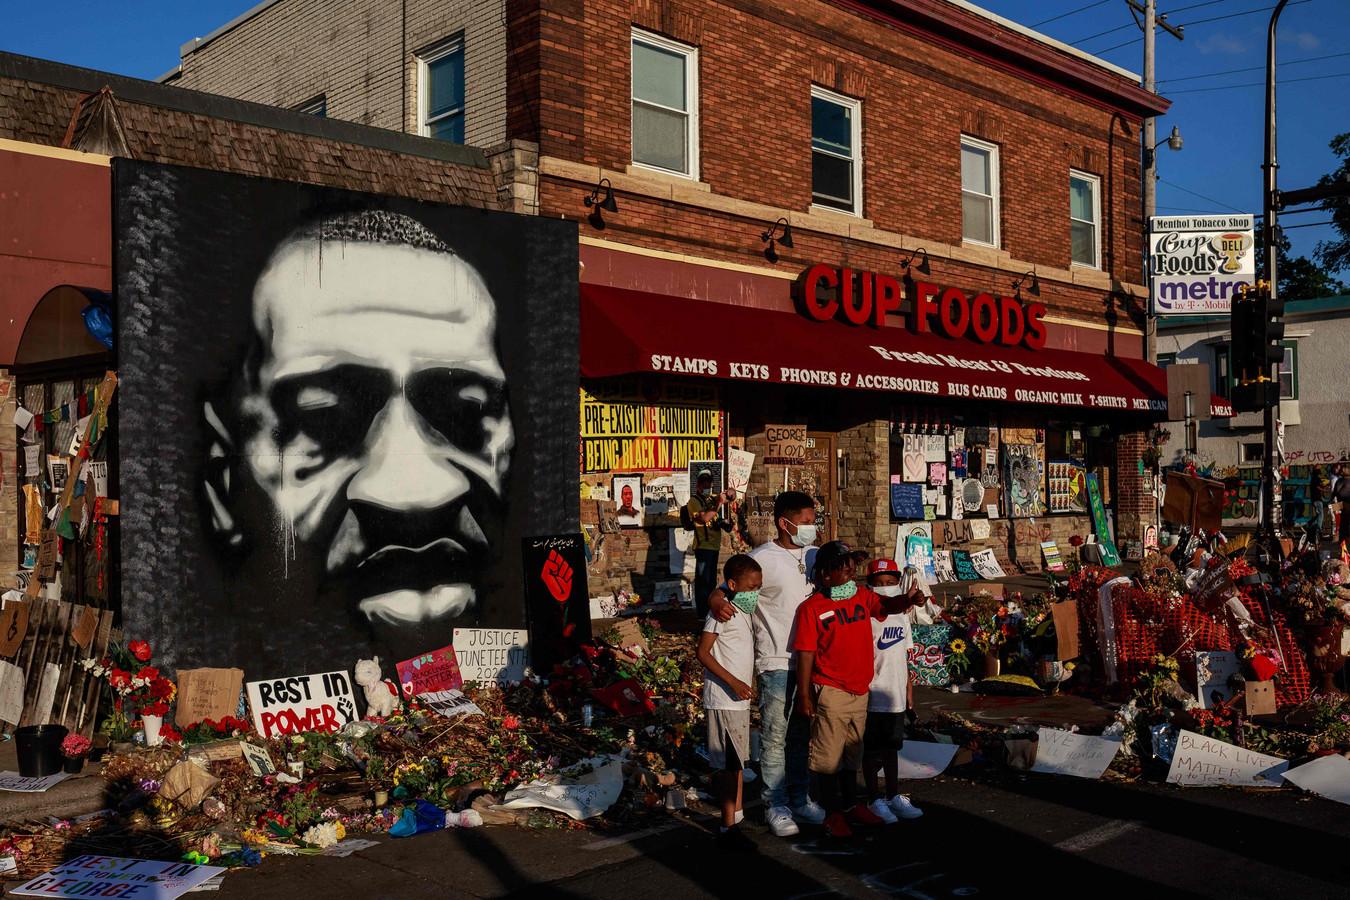 Een vader en kinderen poseren bij een herdenkingsplaats voor George Floyd, vlakbij de plek waar hij overleed in de stad Minneapolis.